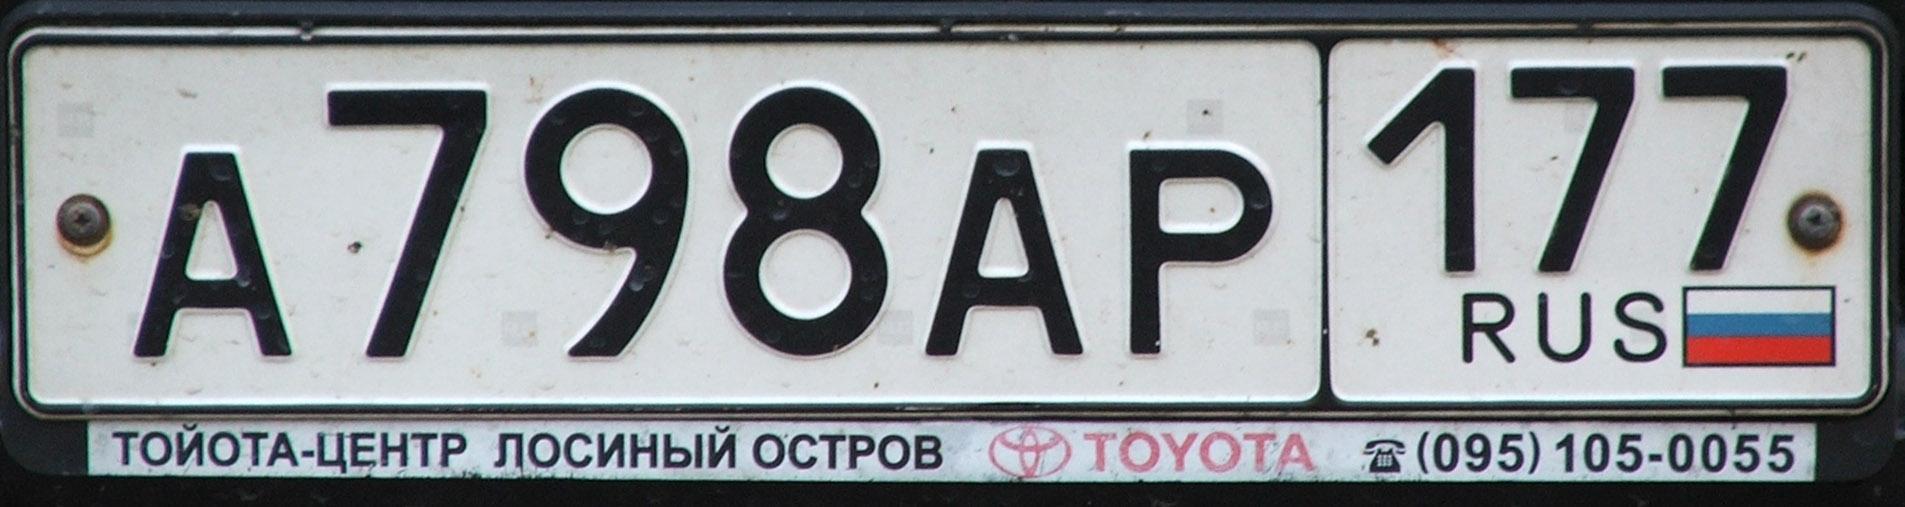 Регистрационный знак вн какой страны